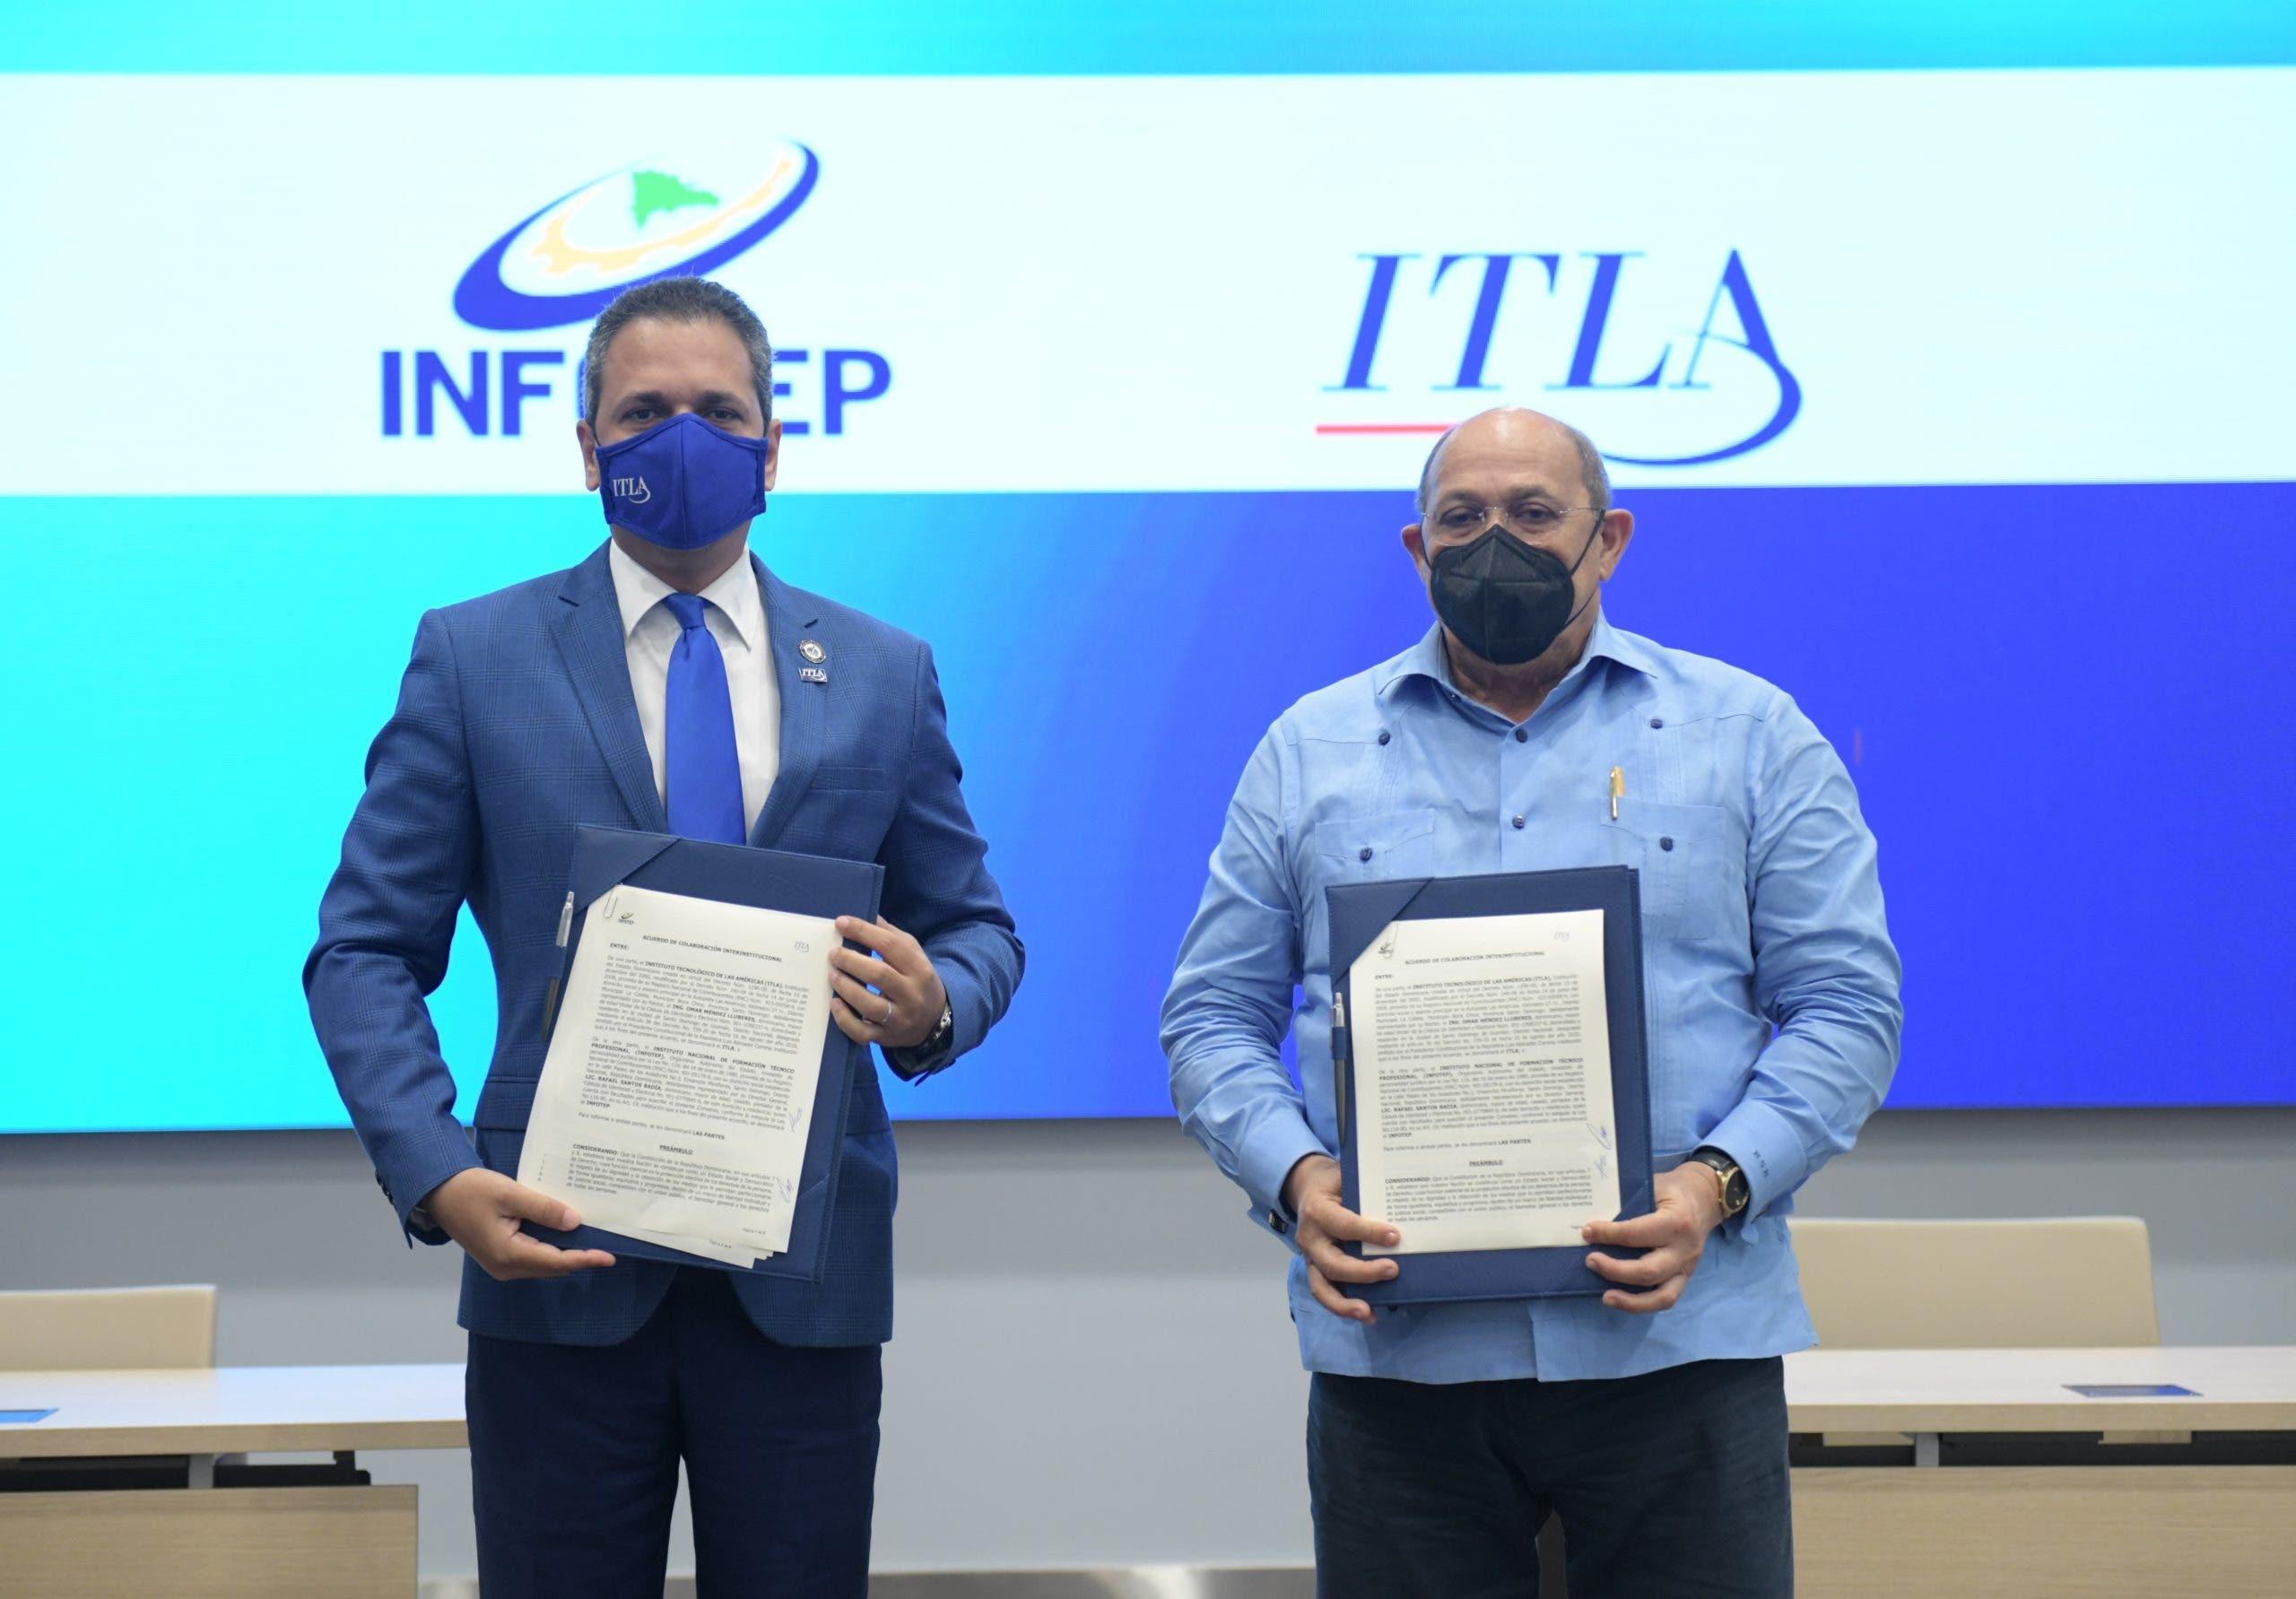 El INFOTEP y el ITLA establecen alianza para desarrollar una oferta tecnológica especializada